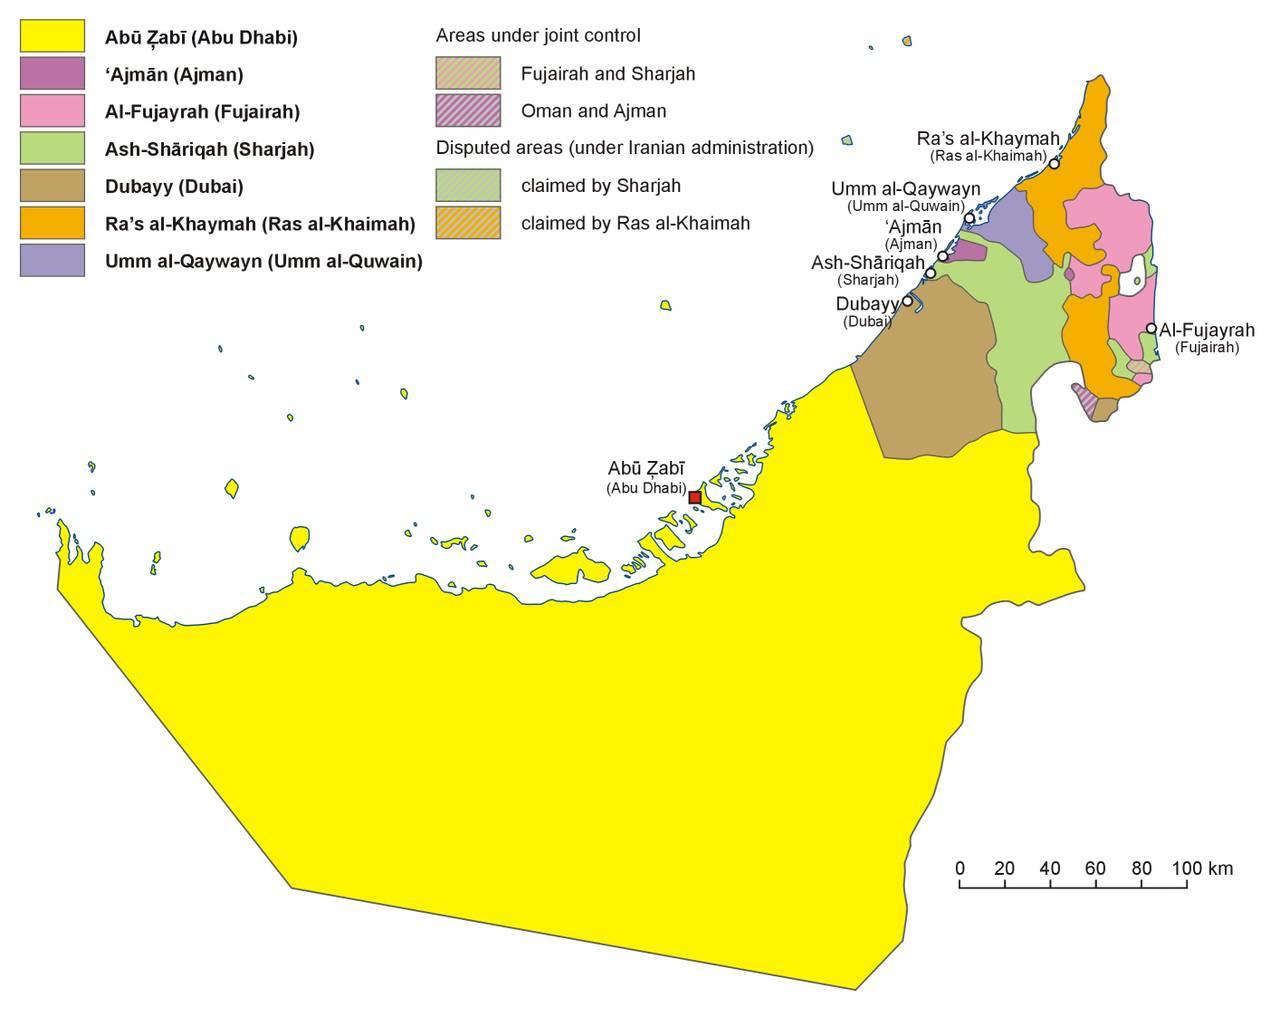 Carte des régions des Emirats arabes unis